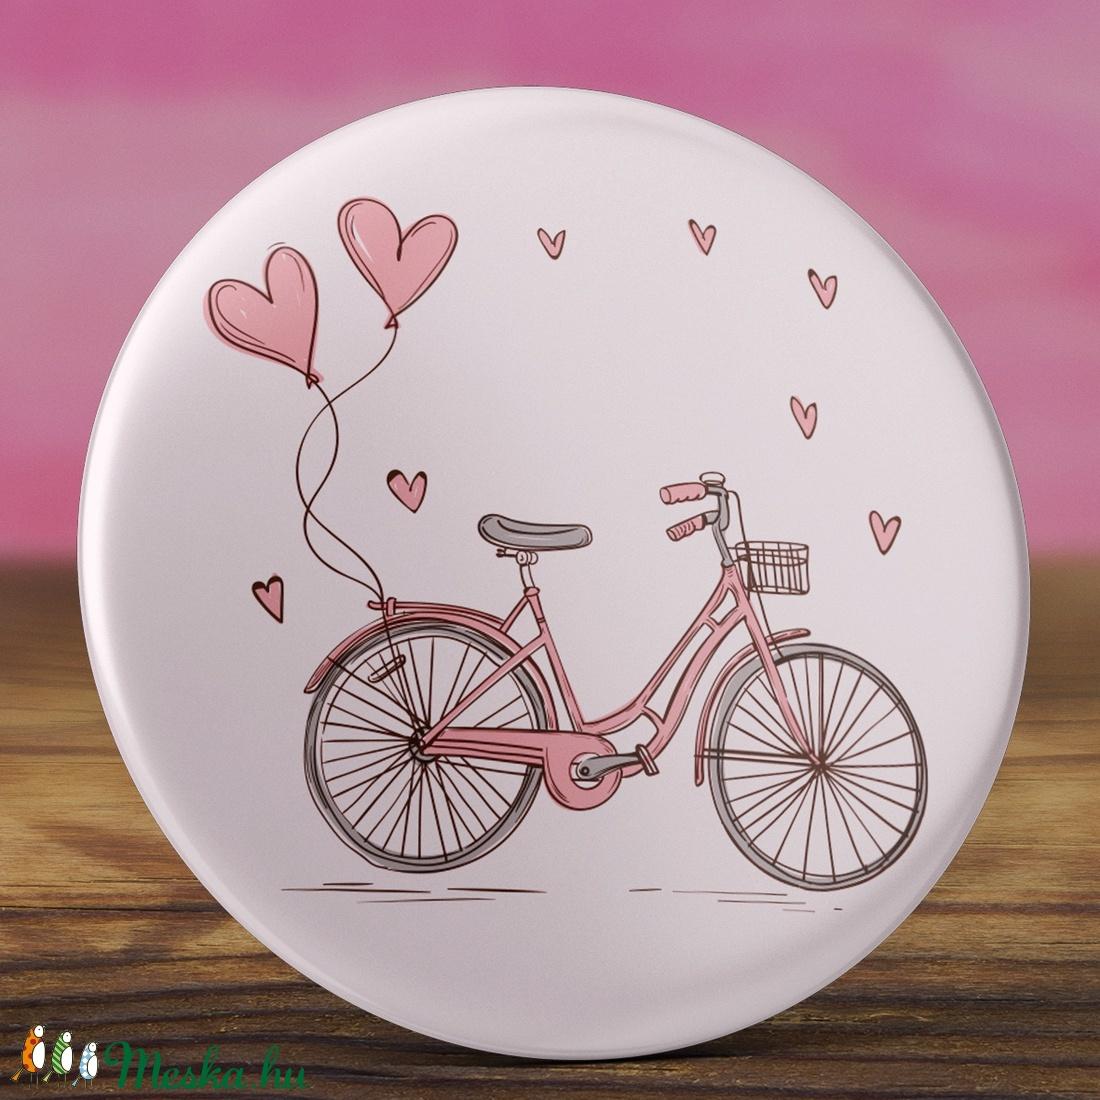 Rózsaszín bicikli tükör -  bicikli zsebtükör - vintage tükör - szívecske tükör - vintage ajándék - szív - kerékpár  (AngelPin) - Meska.hu